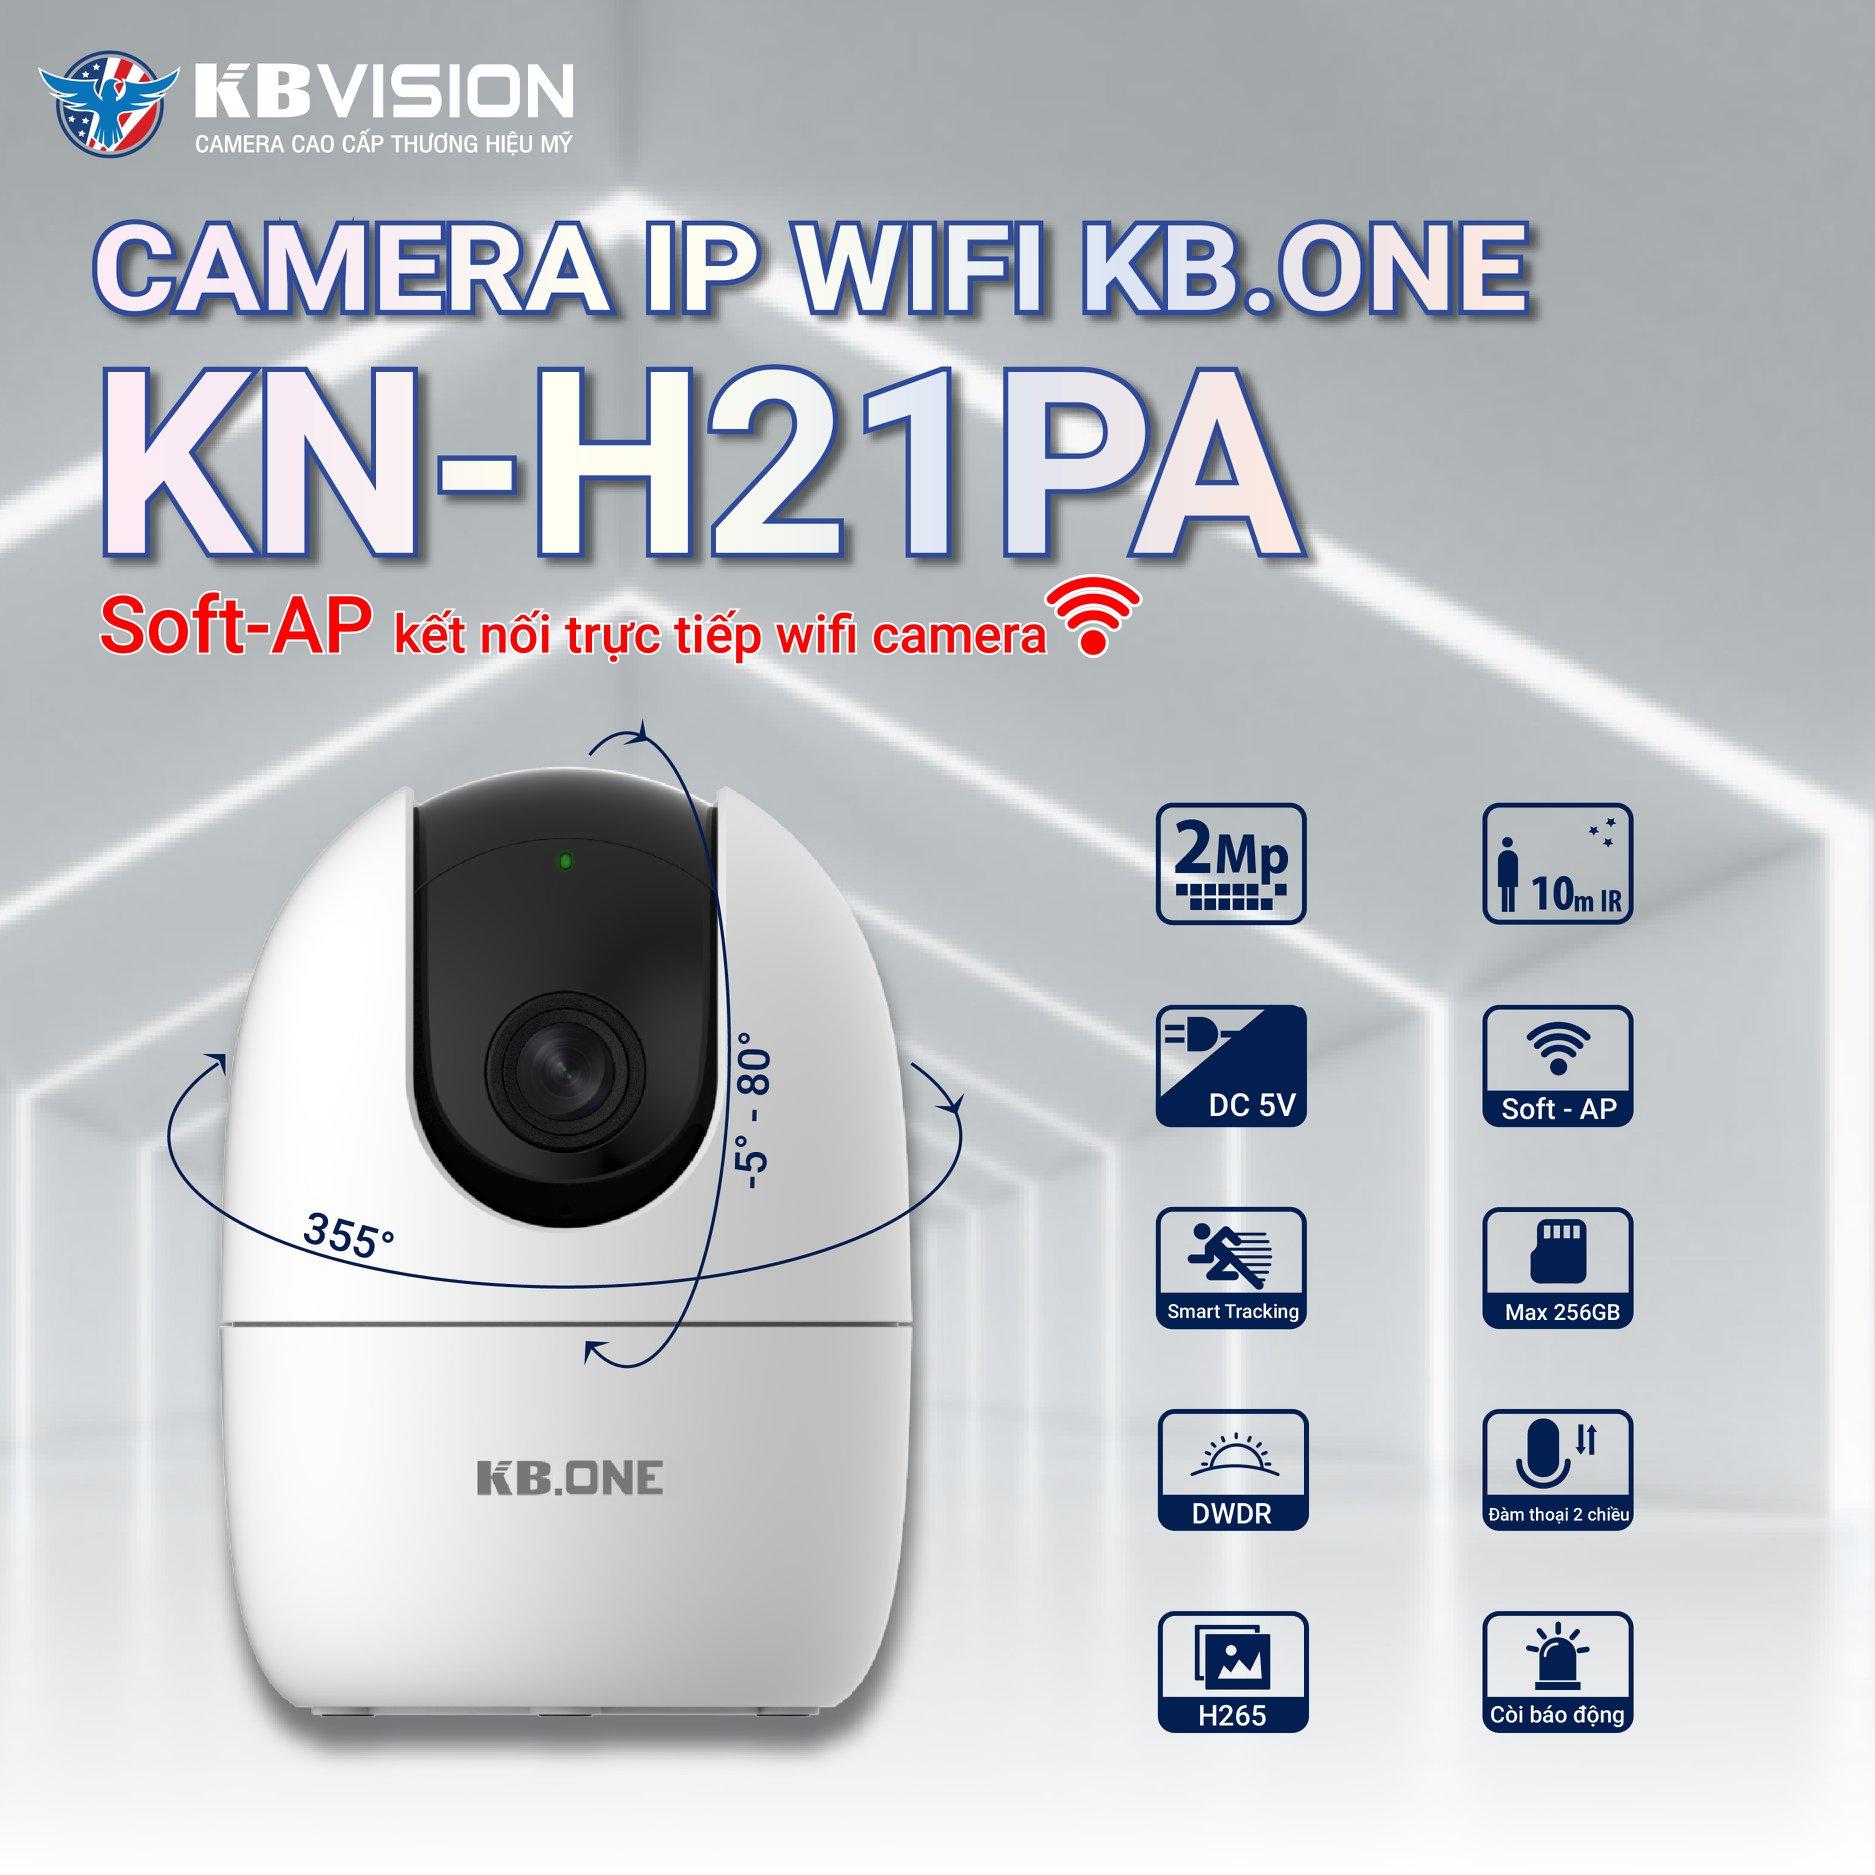 KN-H21PA